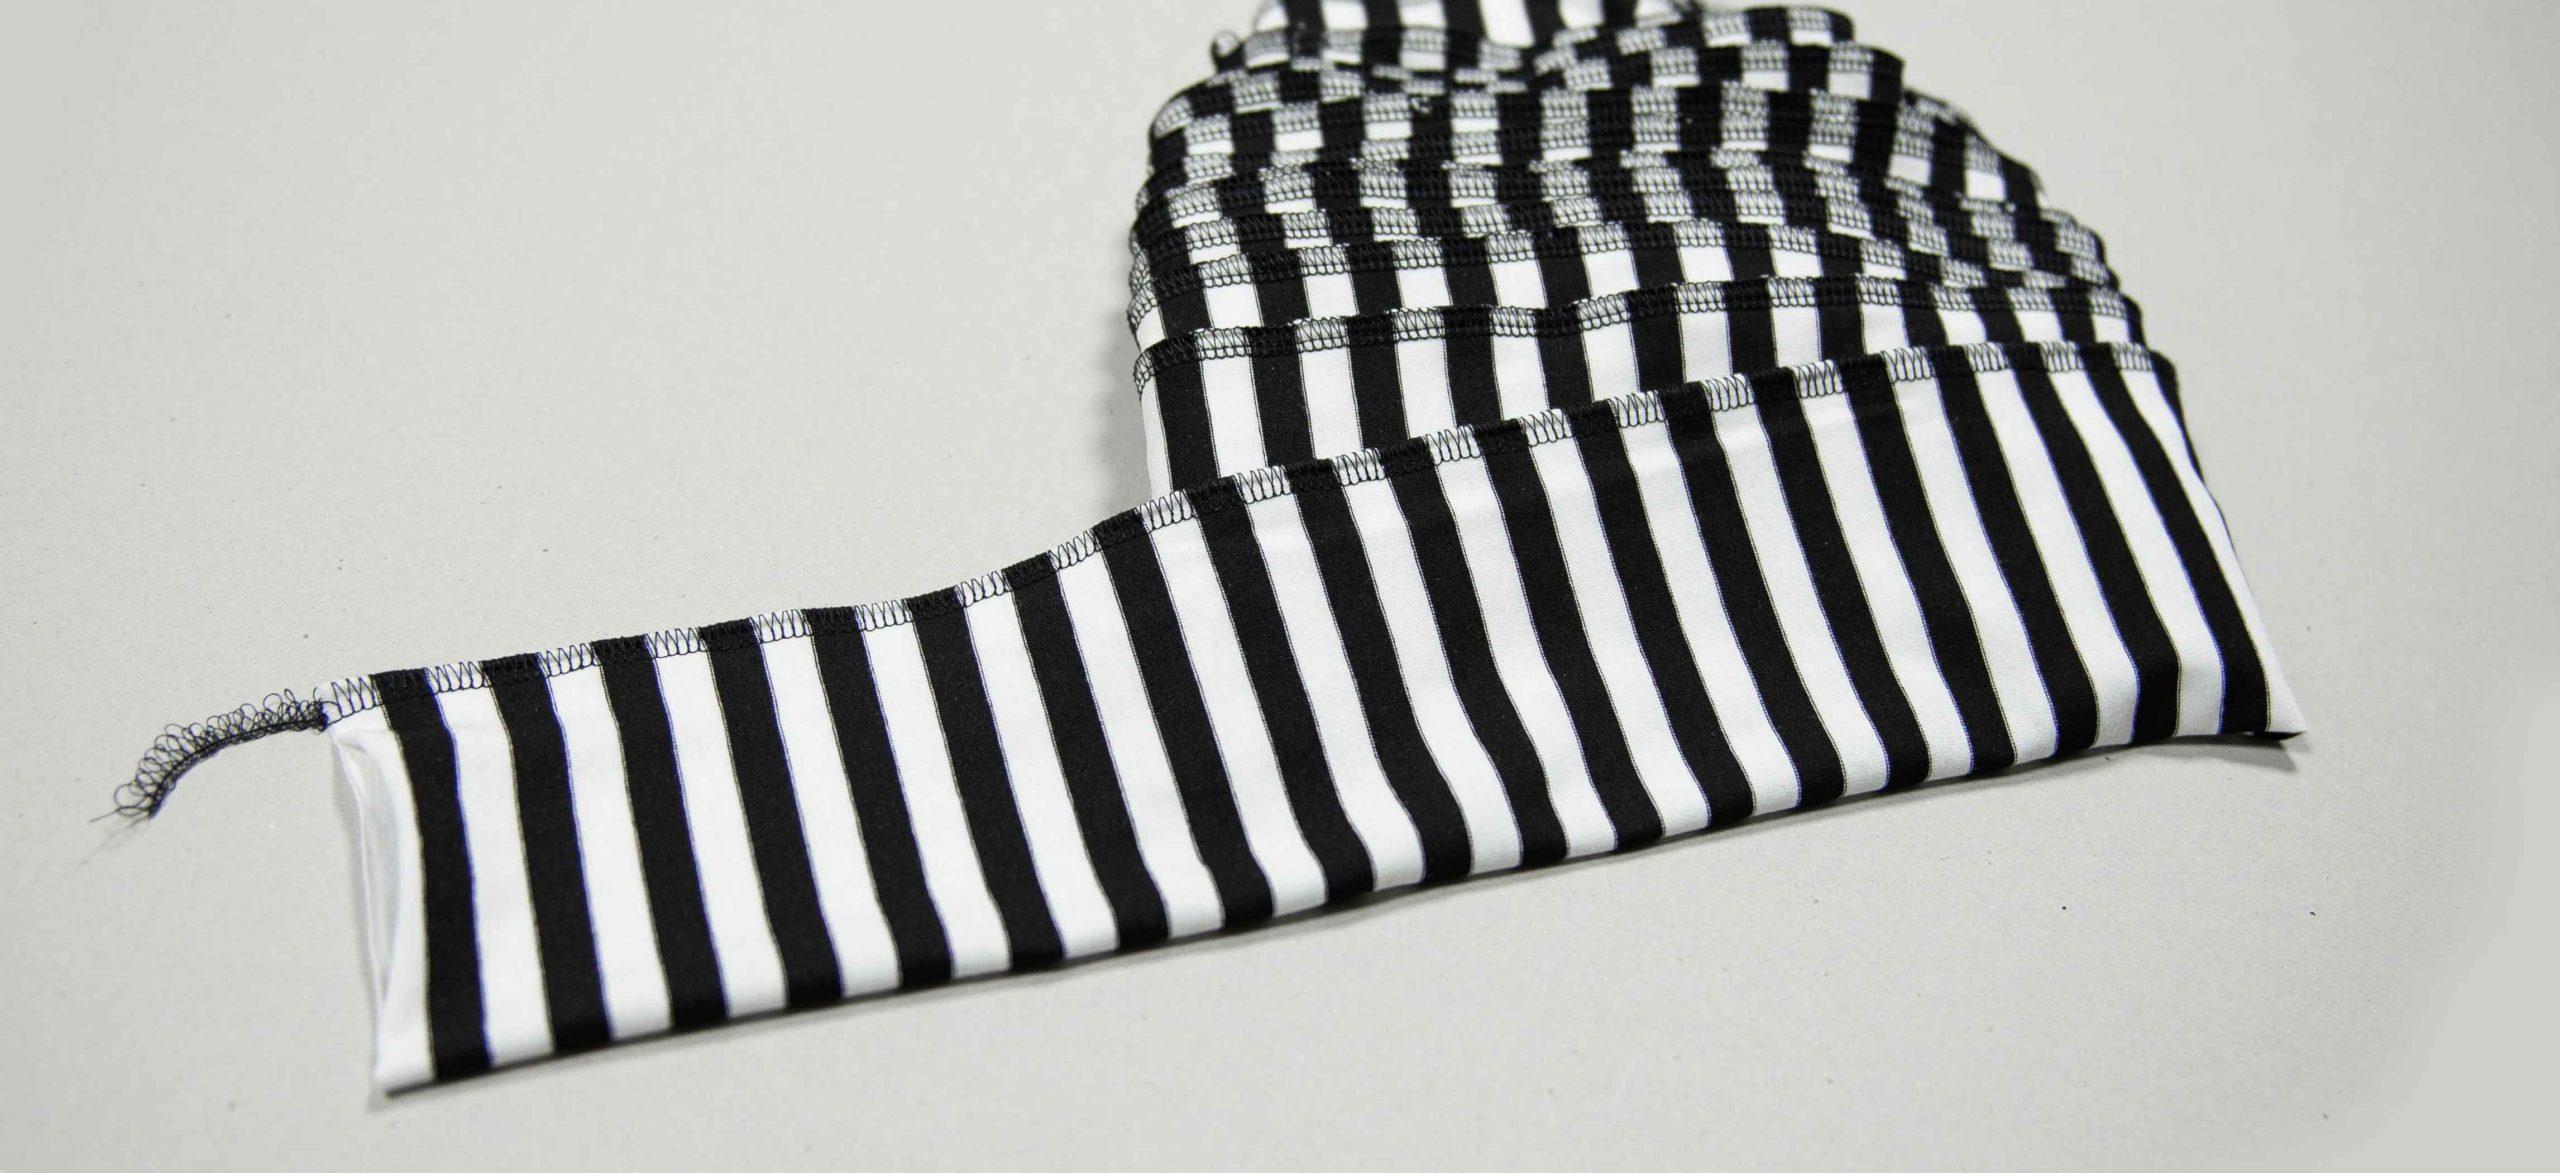 langen Streifen halbieren und zu einem Schlauch zusammennähen